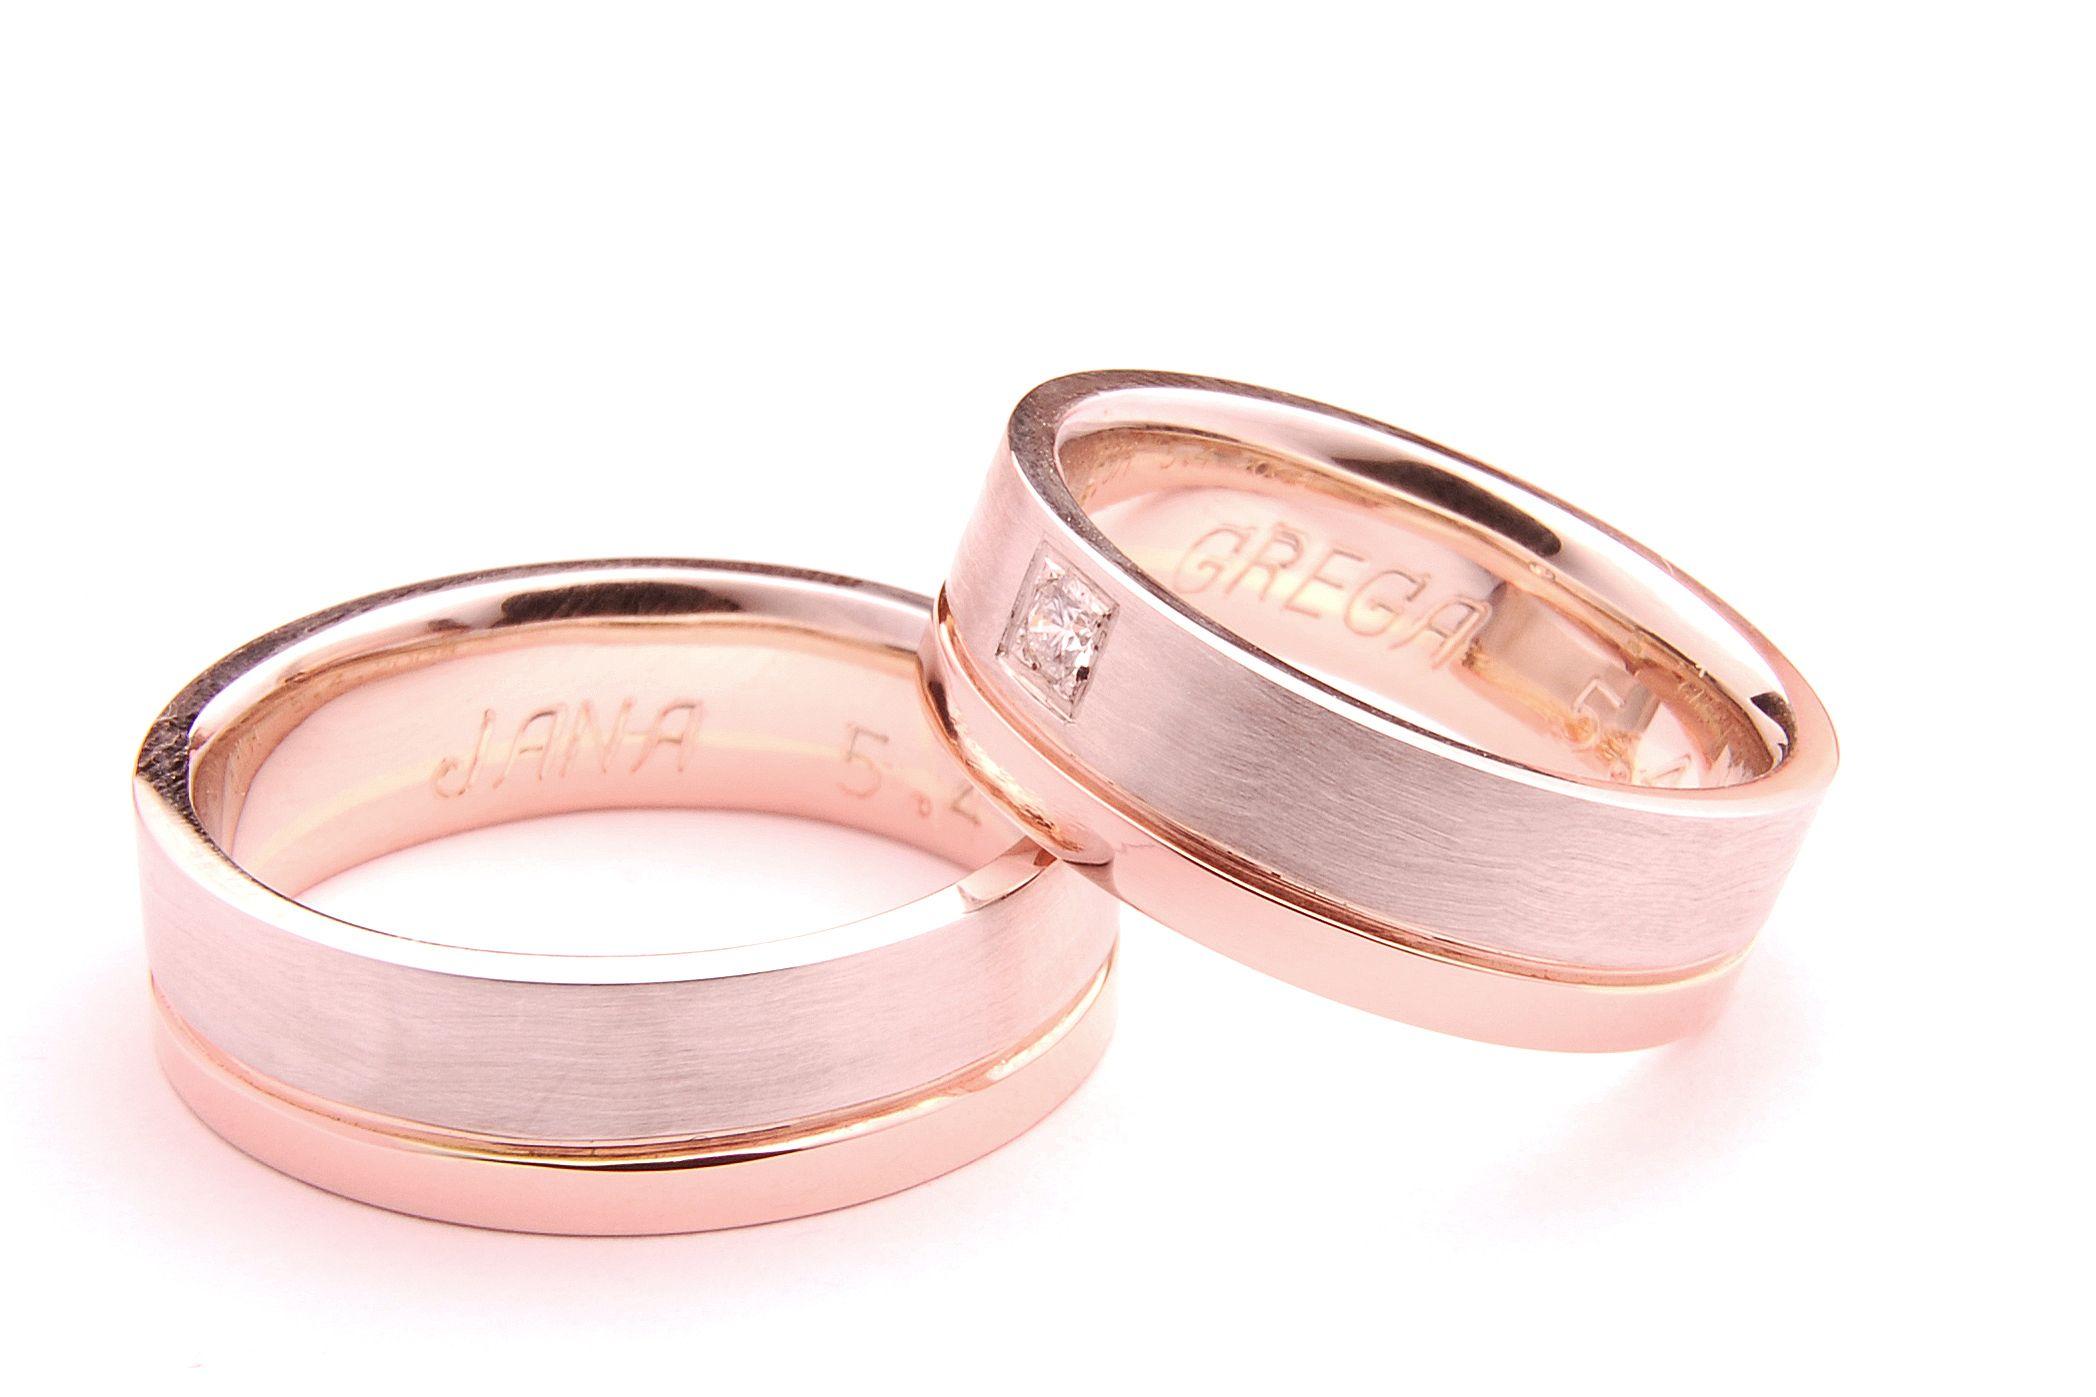 karikagyűrű | Karikagyűrűk | Pinterest | Wedding